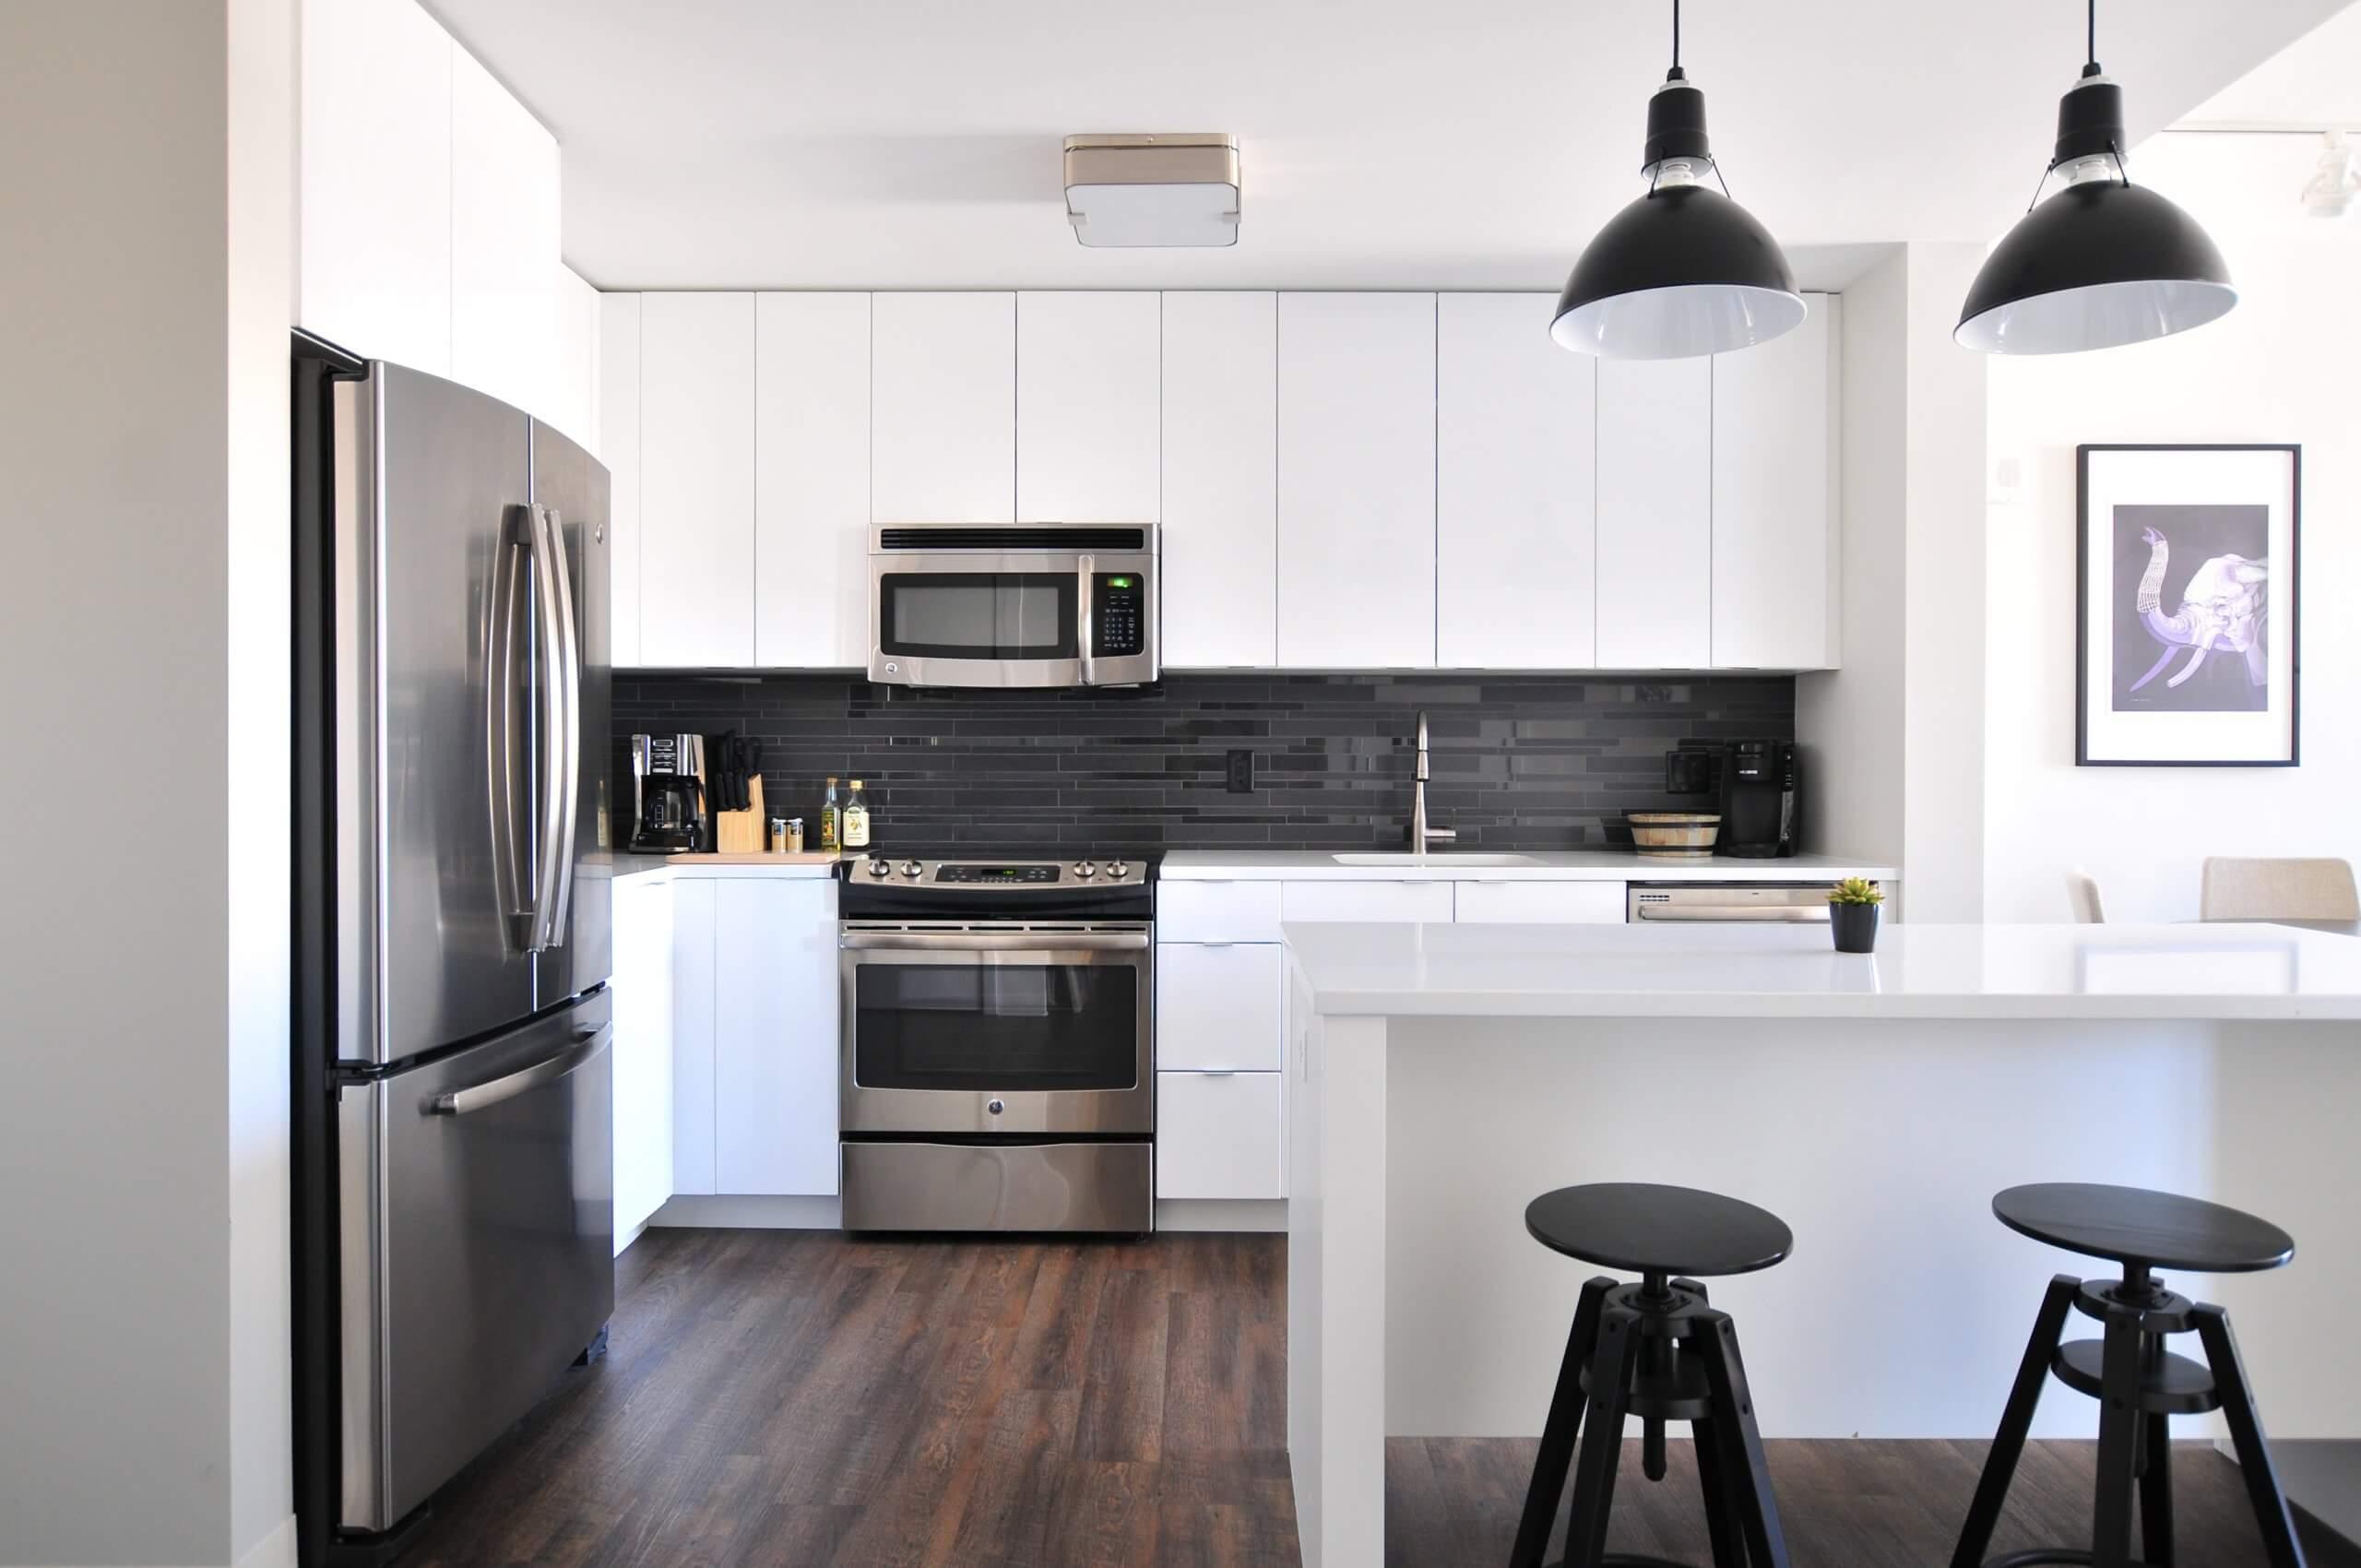 注文住宅のオプション仕様で削っても良いものは?